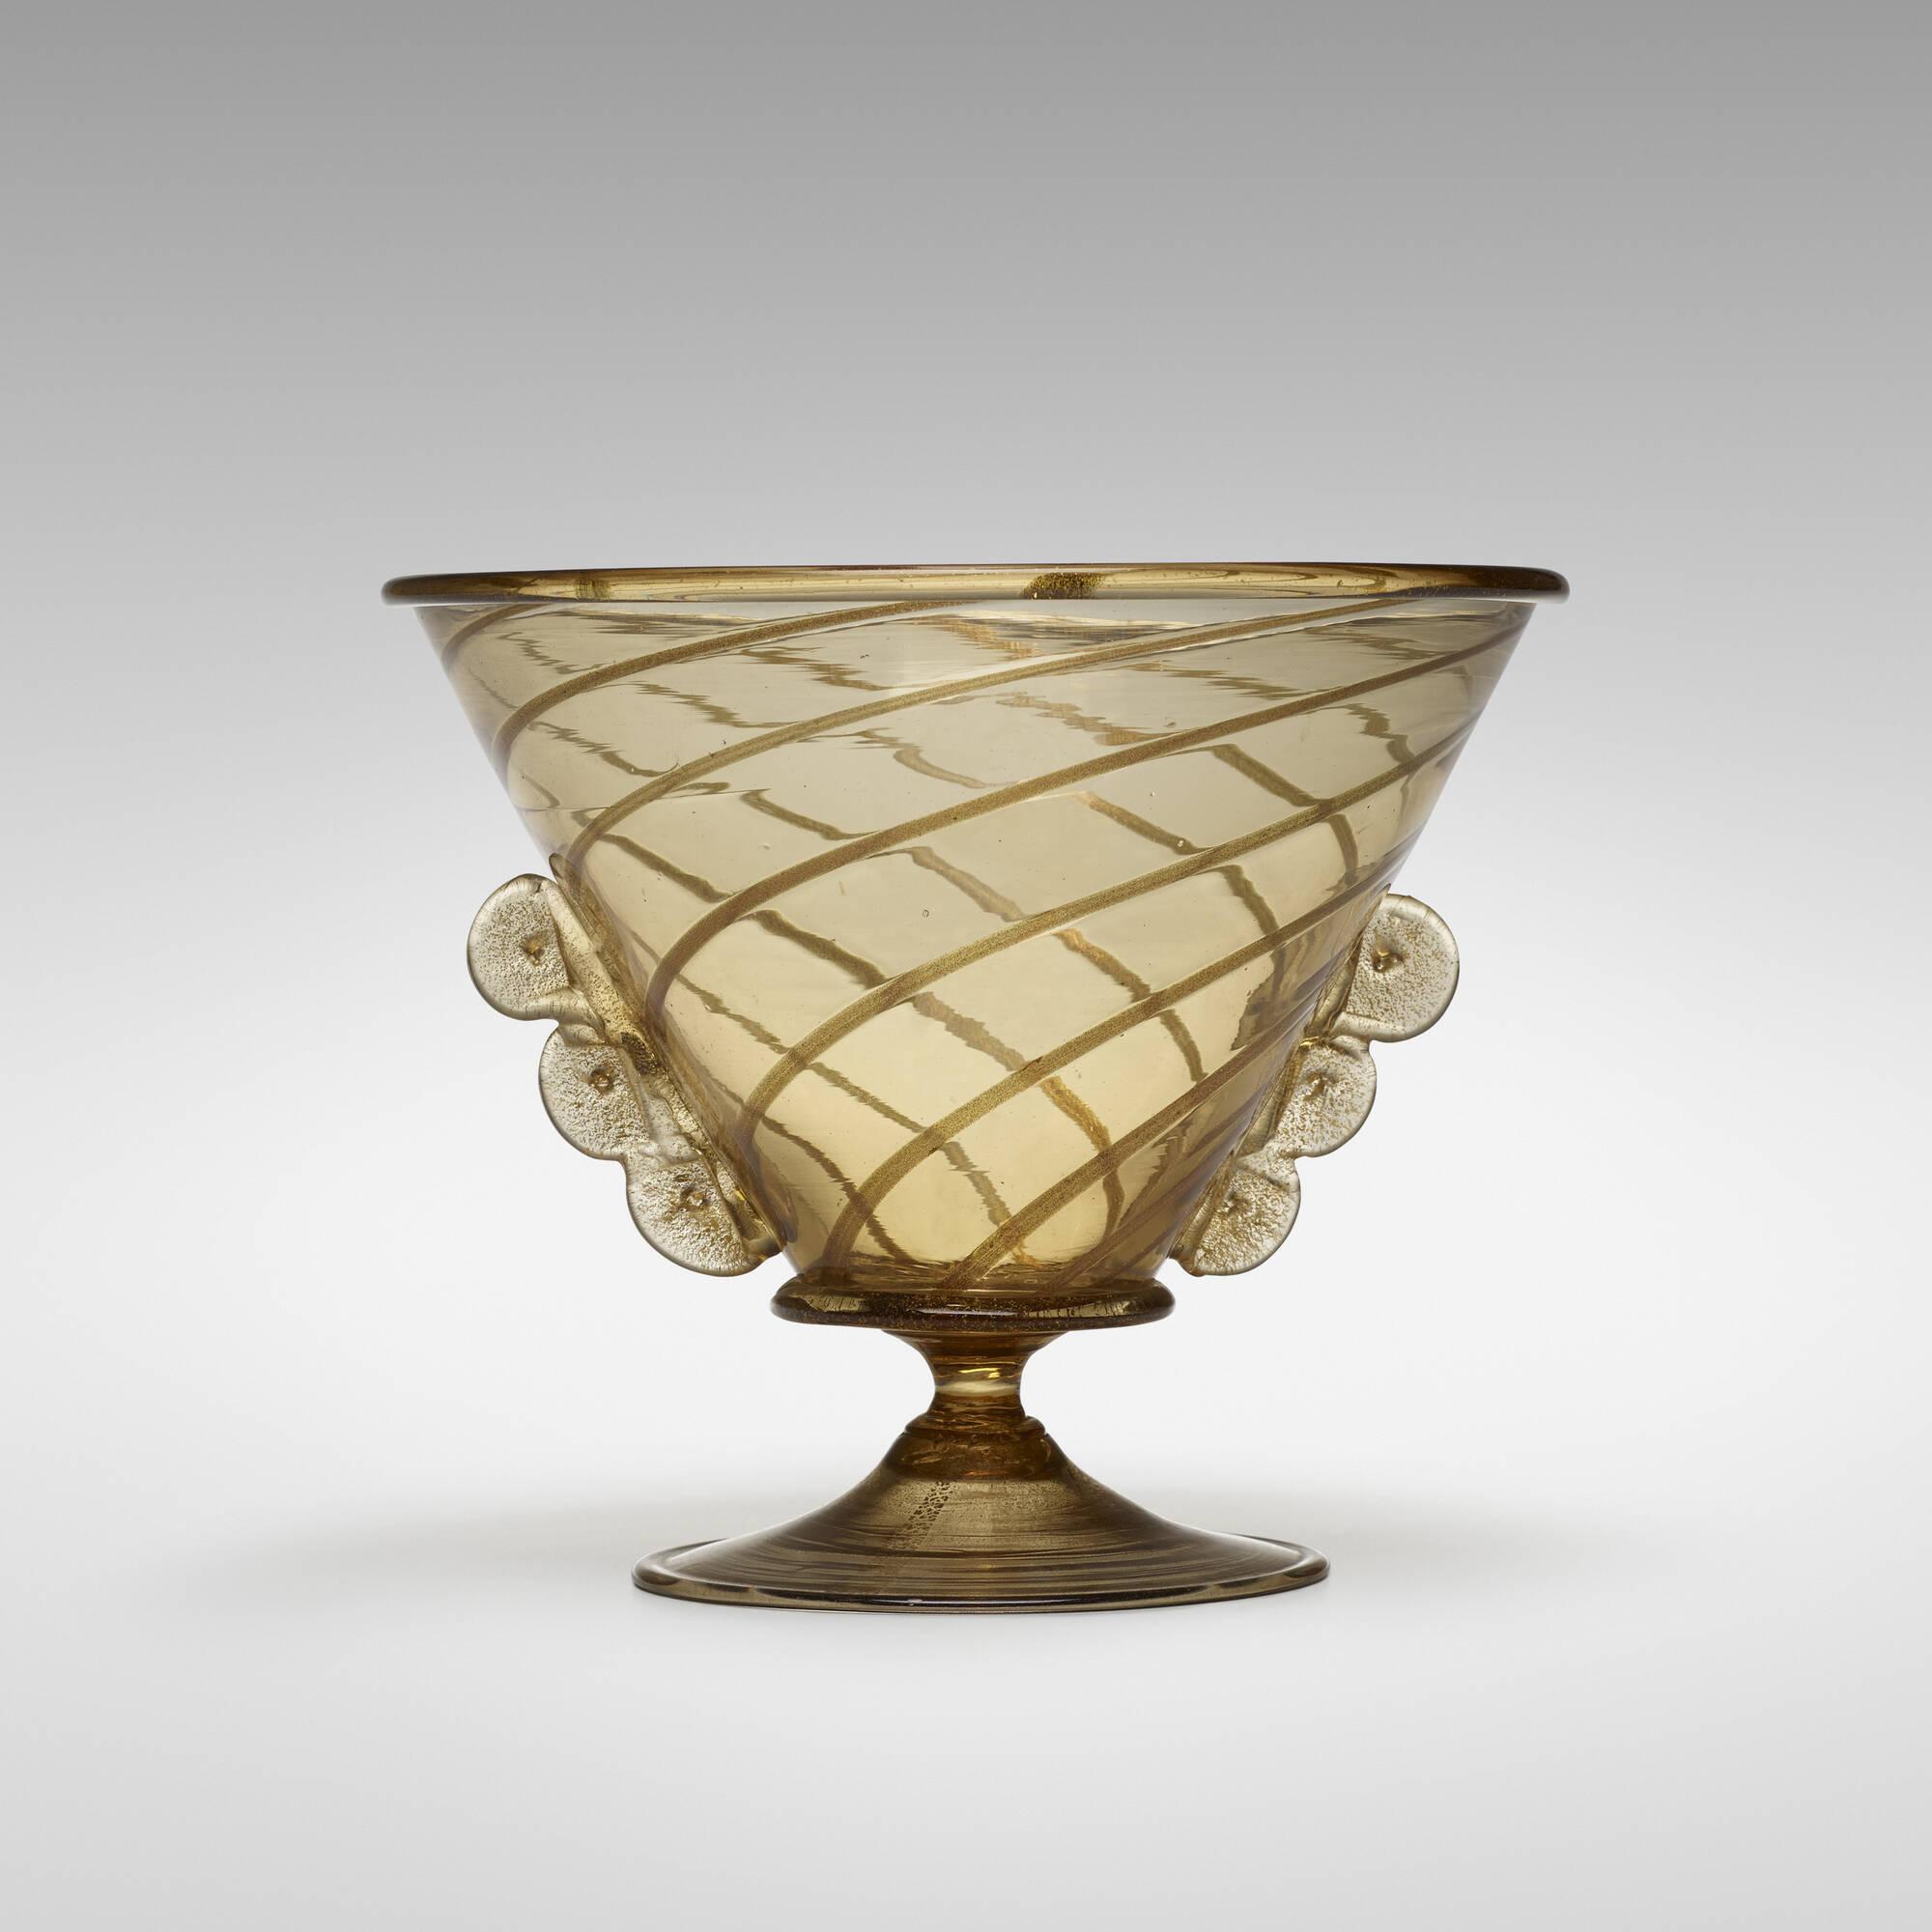 102: Ercole Barovier / Spirale vase (1 of 3)